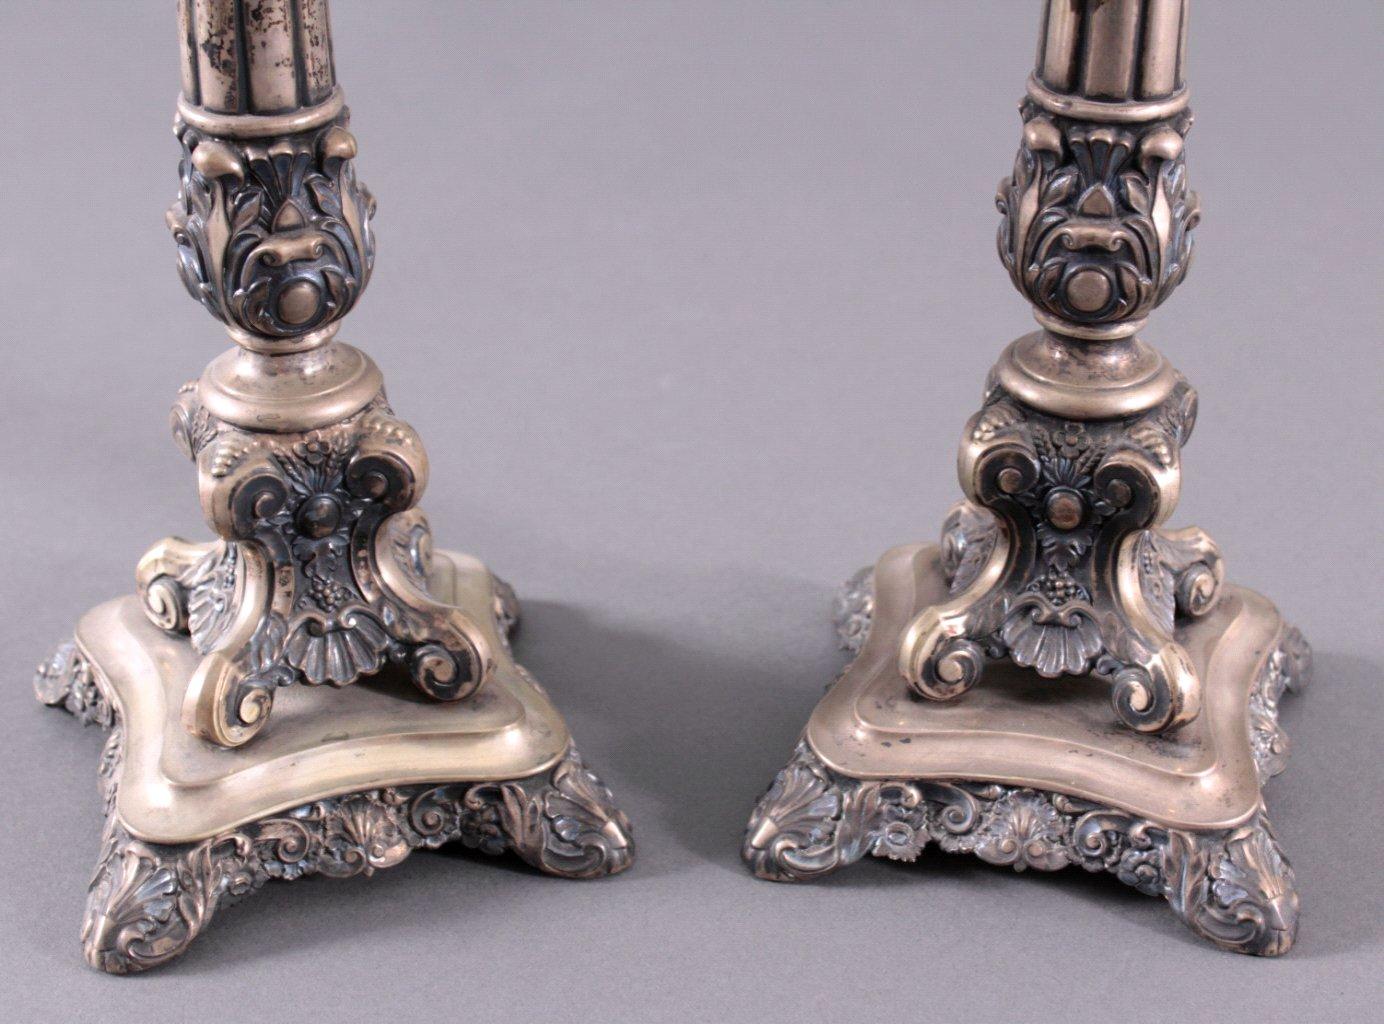 2 silberne Kerzenleuchter um 1900-1